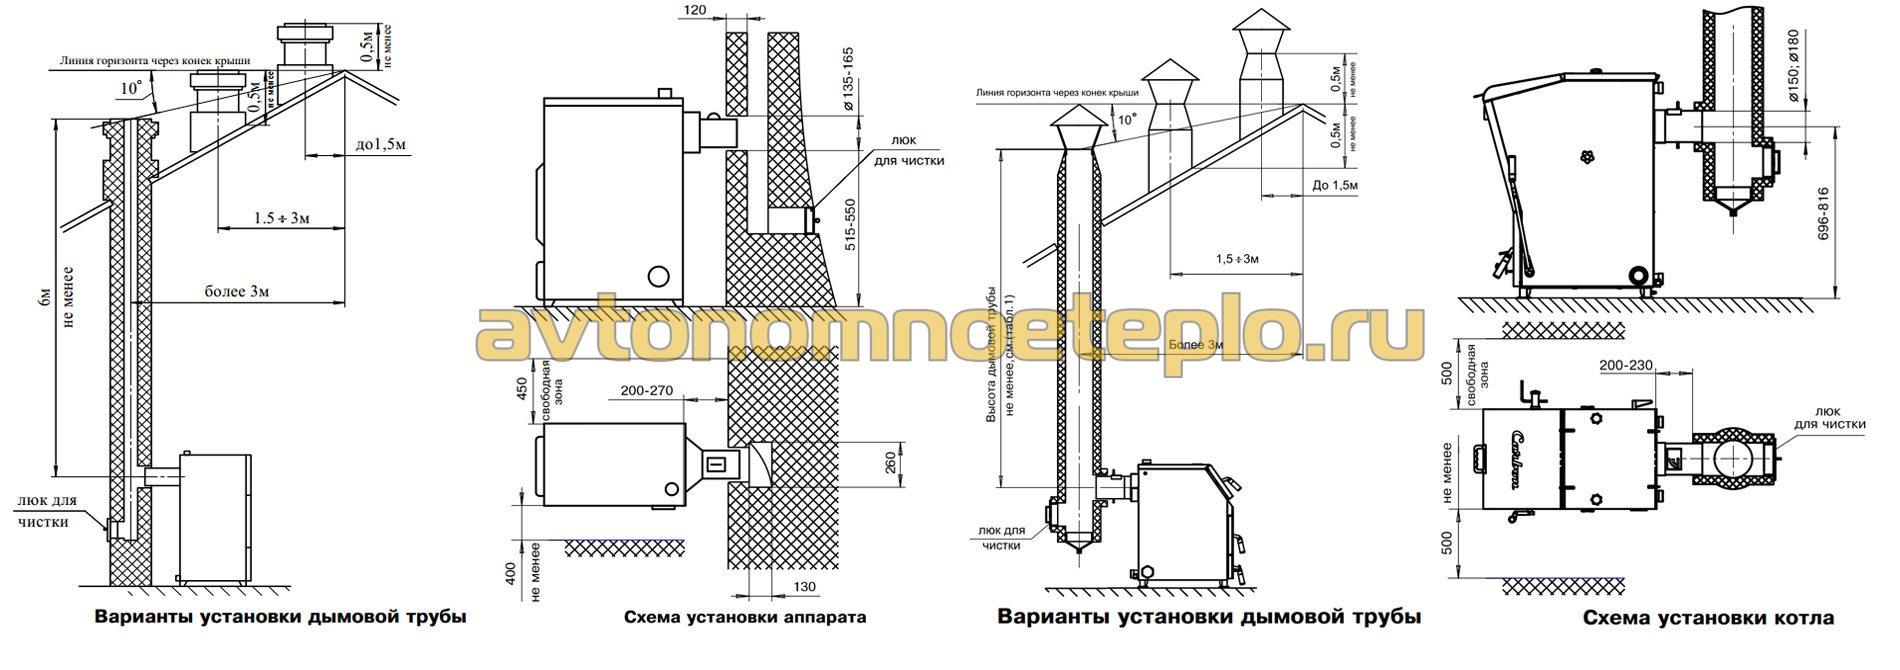 Котел для бани схема установки